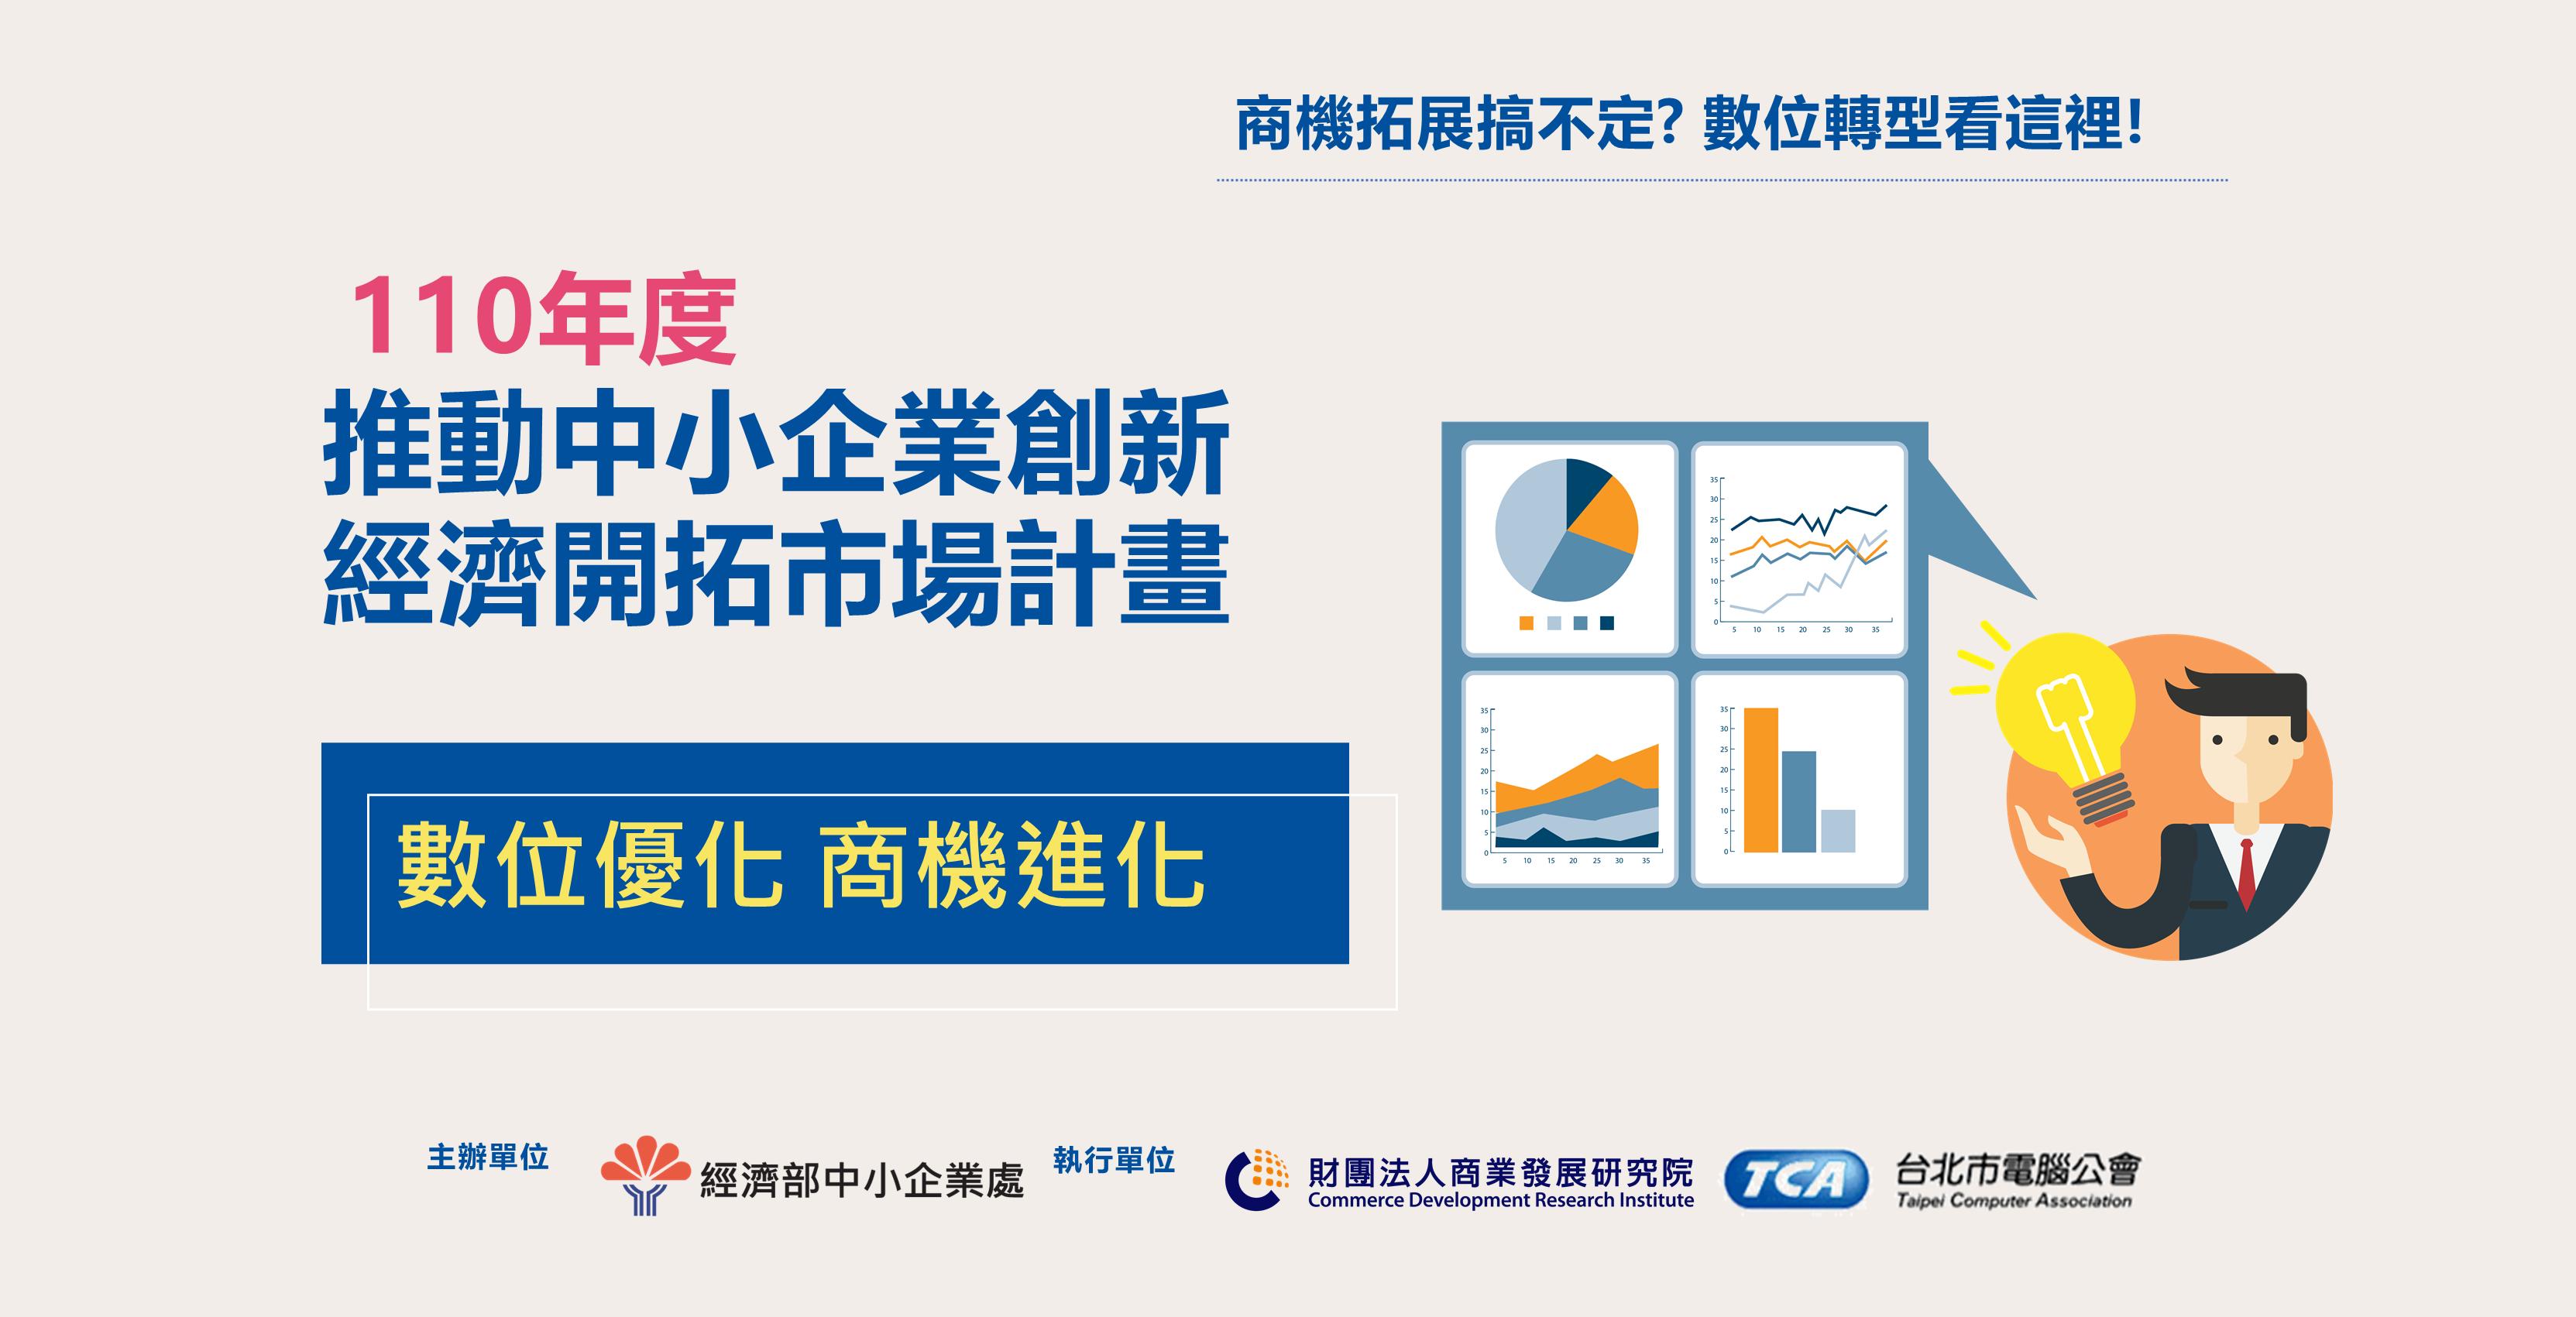 110年度「推動中小企業創新經濟開拓市場計畫」諮詢說明會